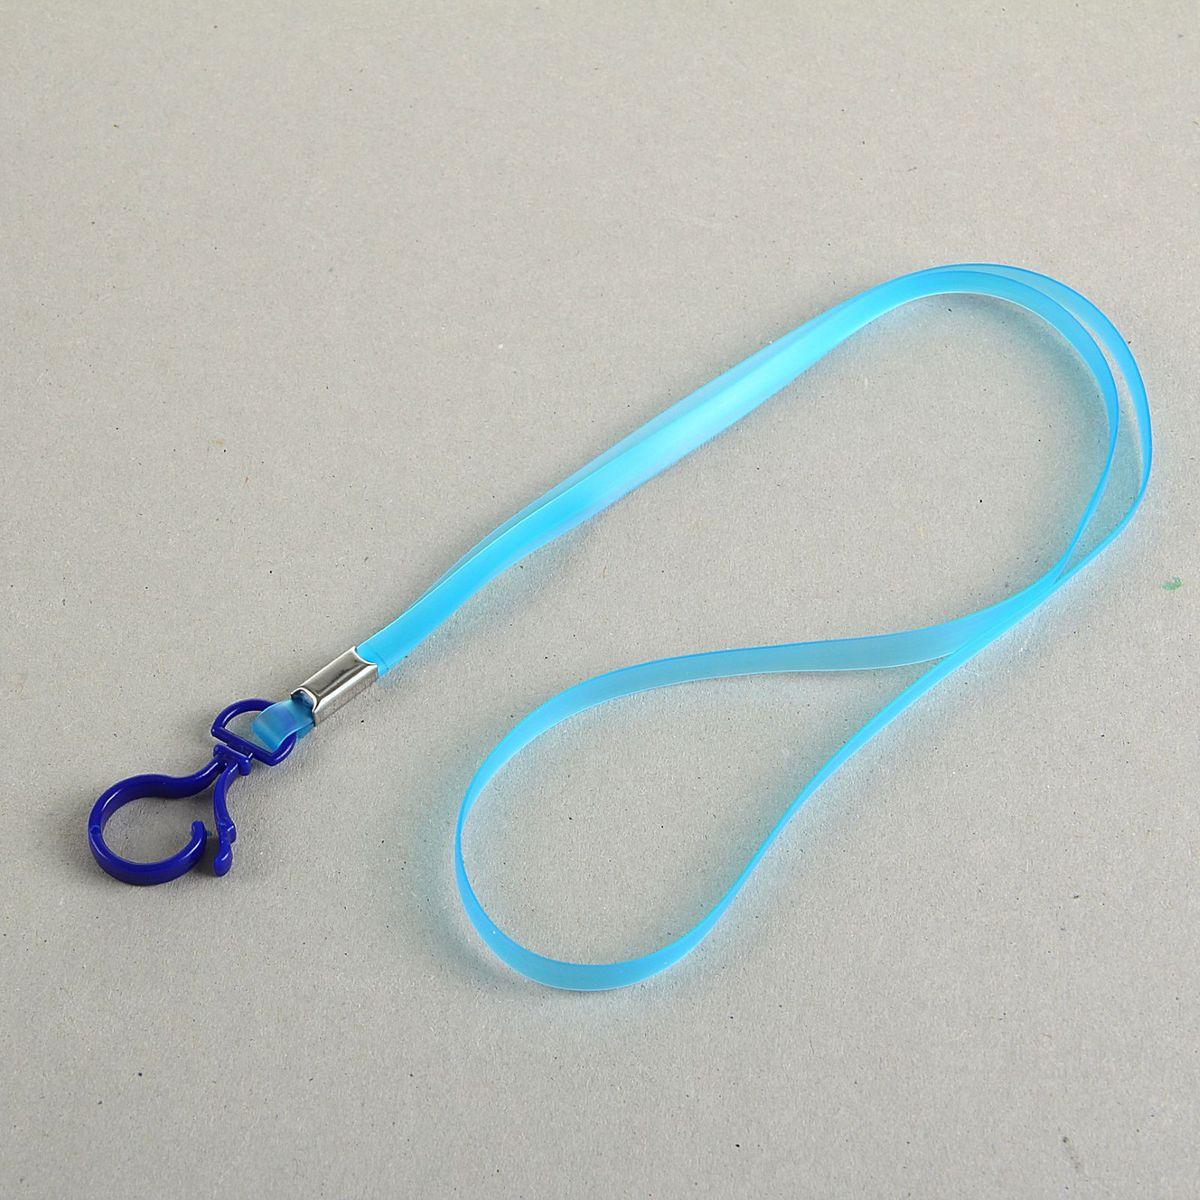 Лента для бейджа длина 38 см ширина 5 мм цвет синий